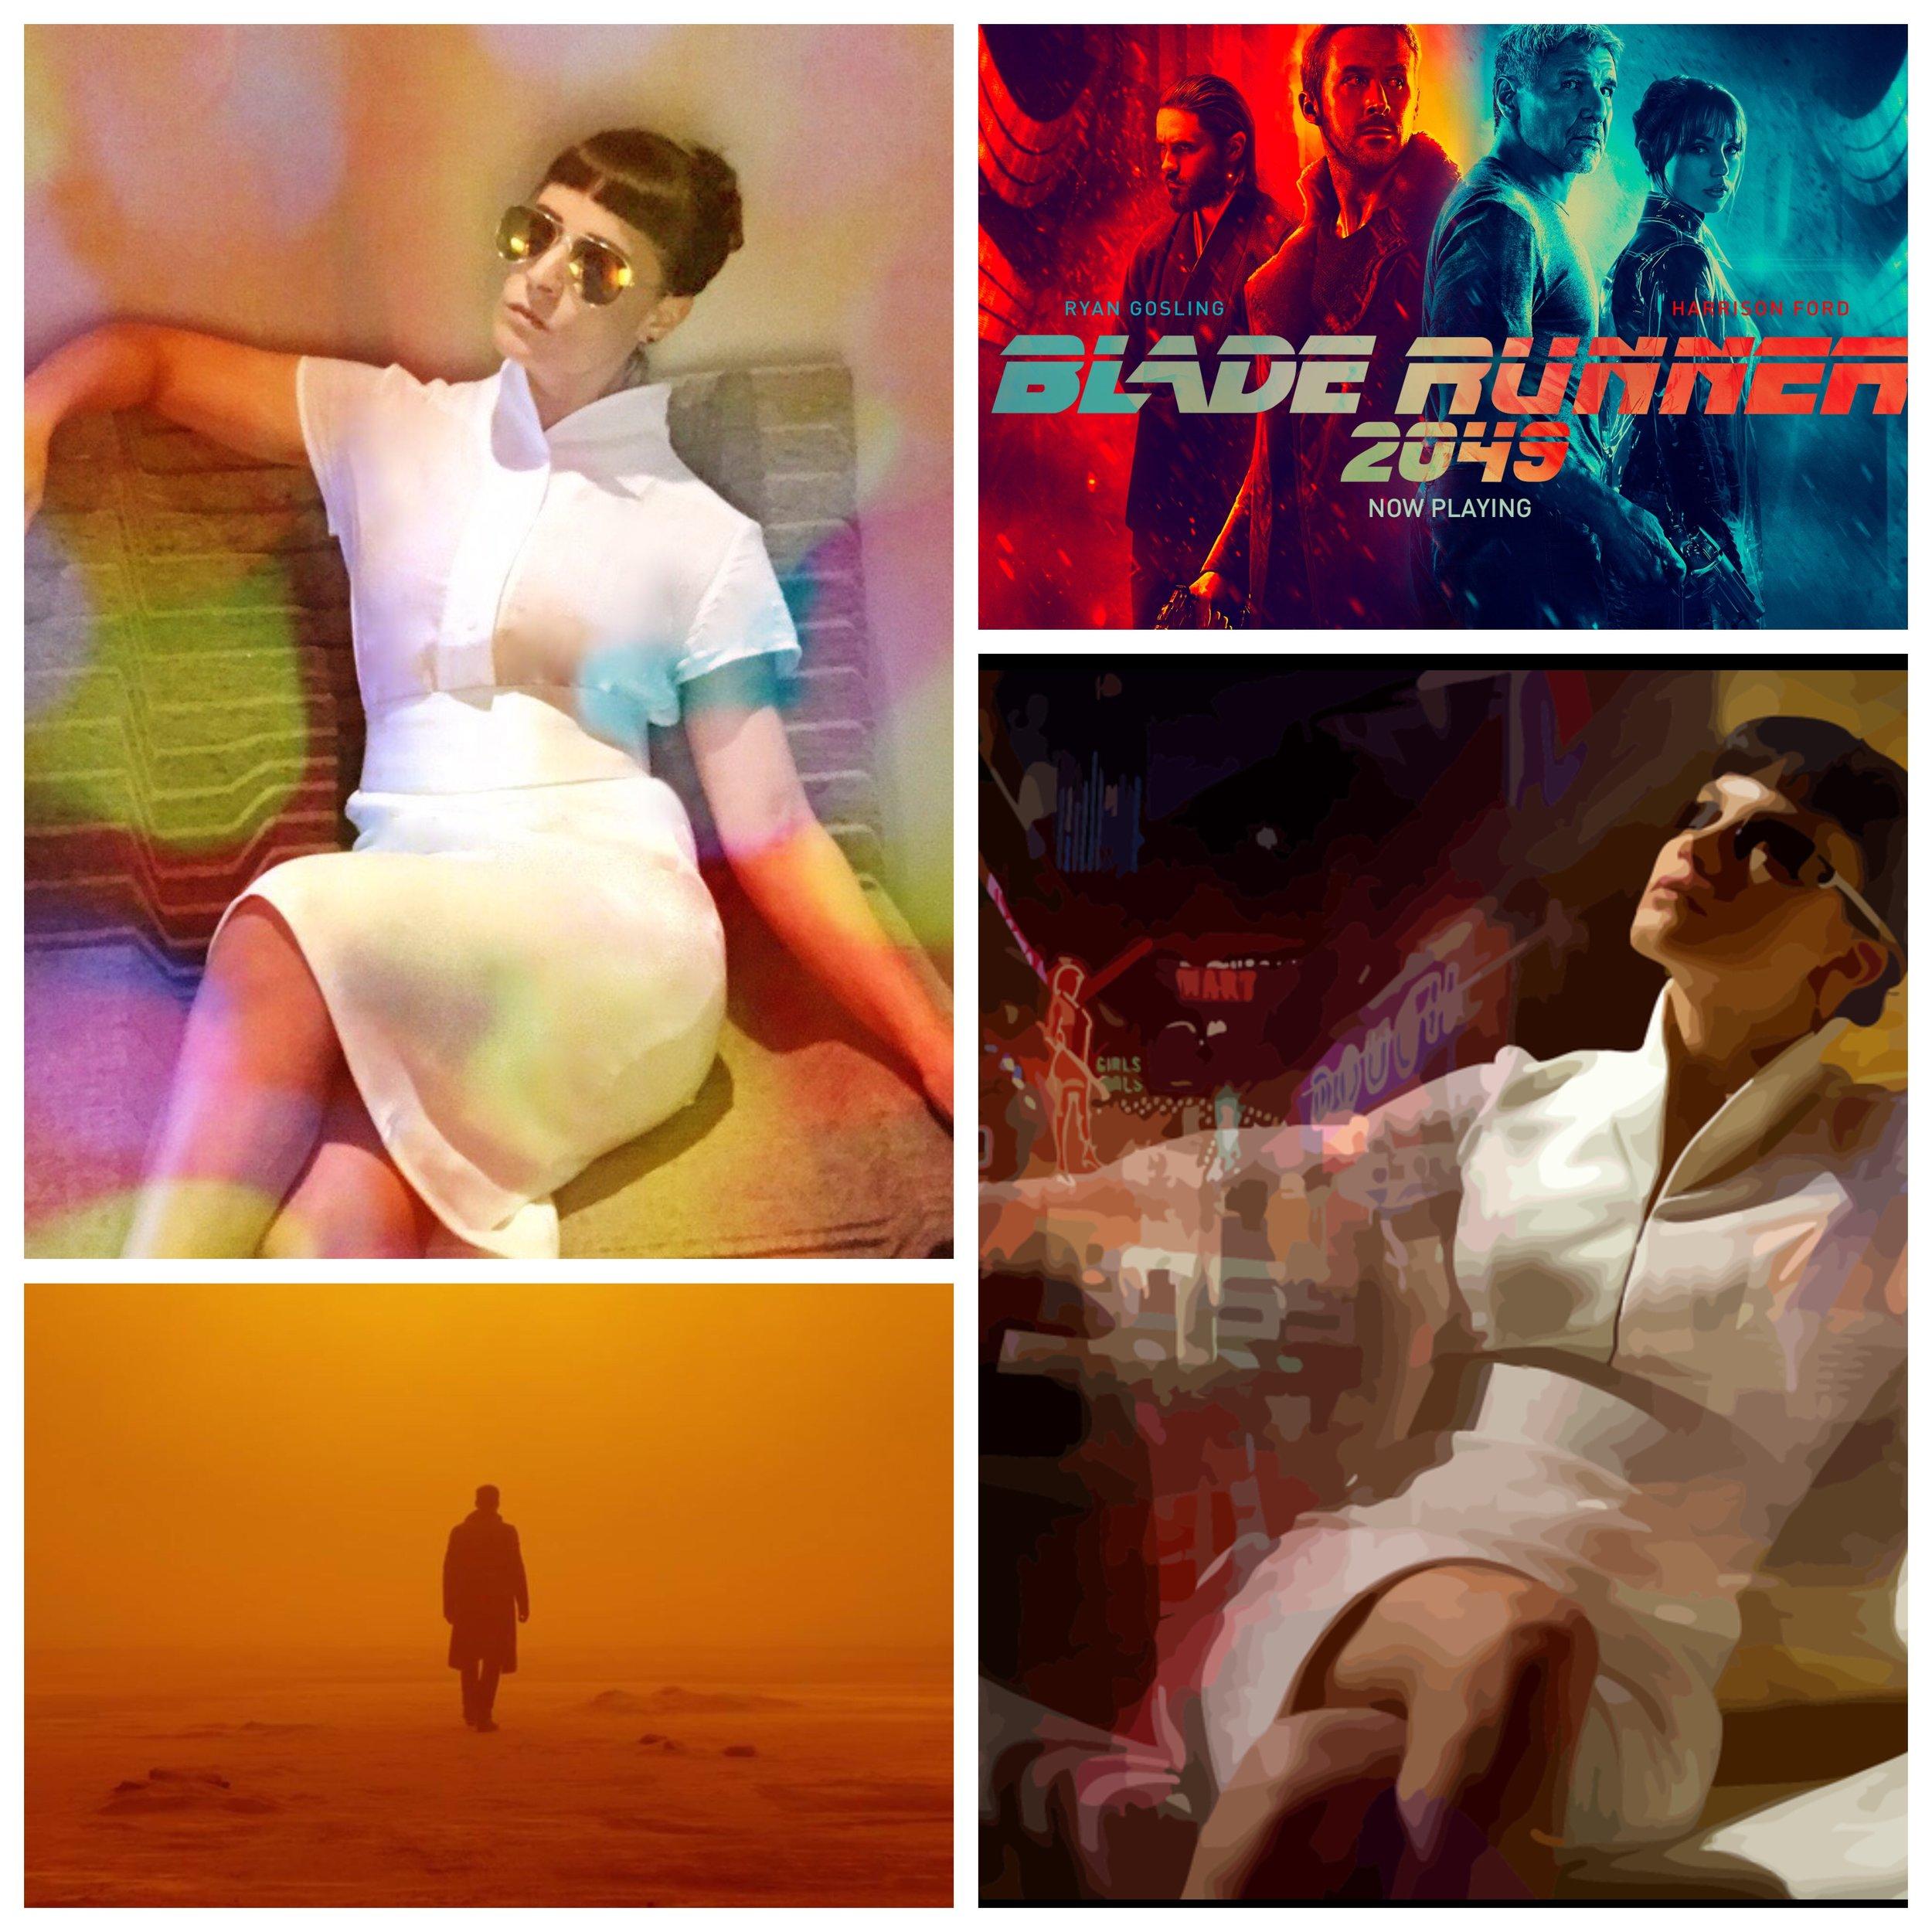 Blade Runner Luv.JPG